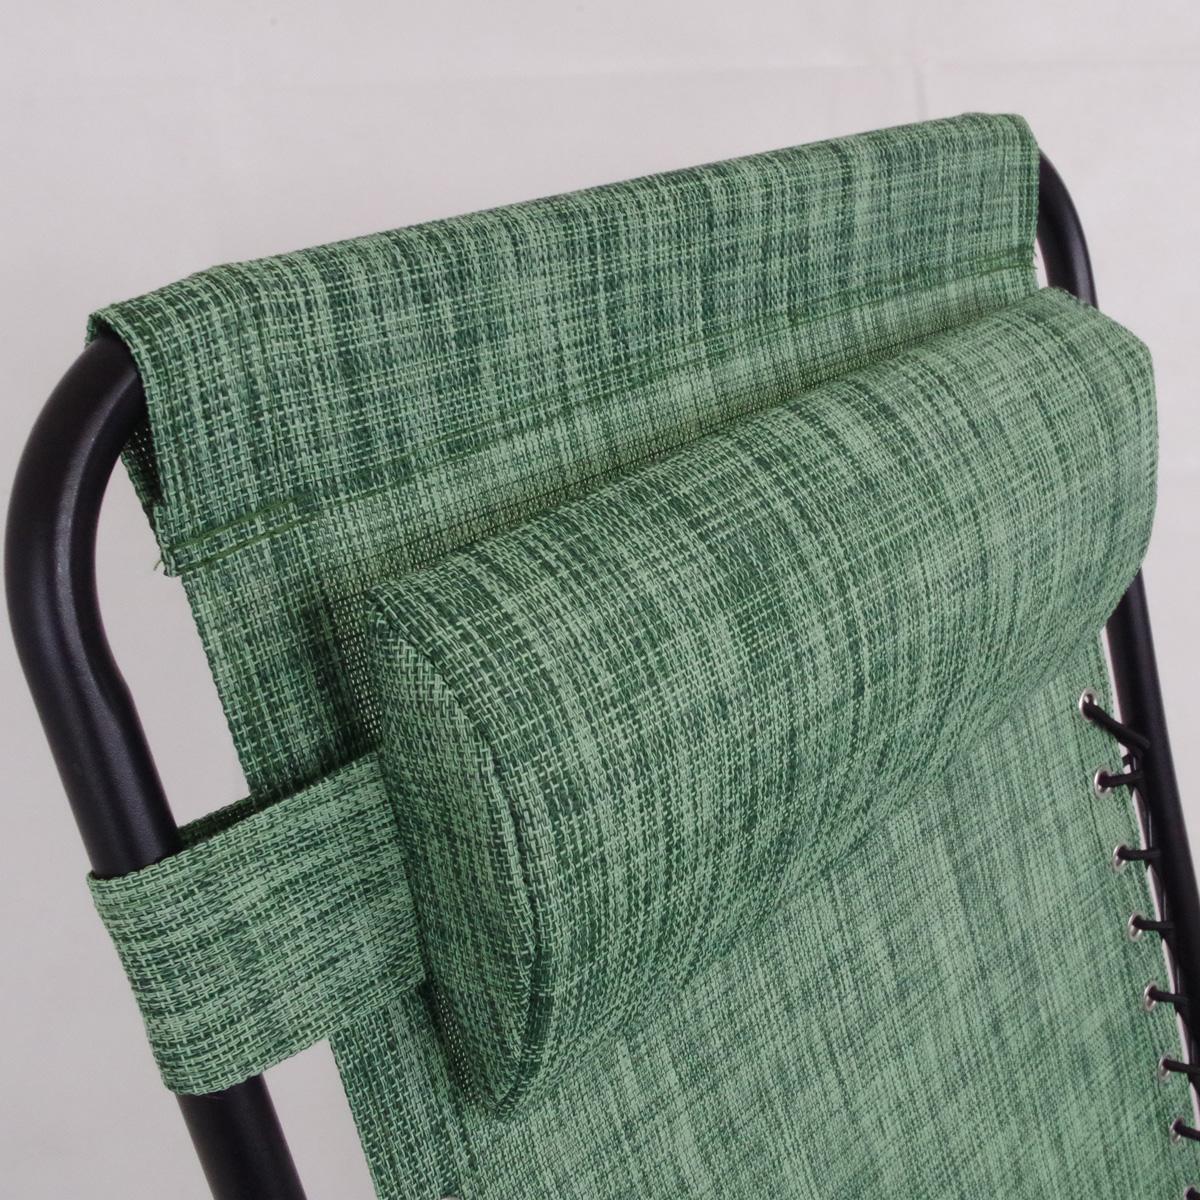 gartenstuhl klappstuhl gr n verstellbare lehne fu teil. Black Bedroom Furniture Sets. Home Design Ideas